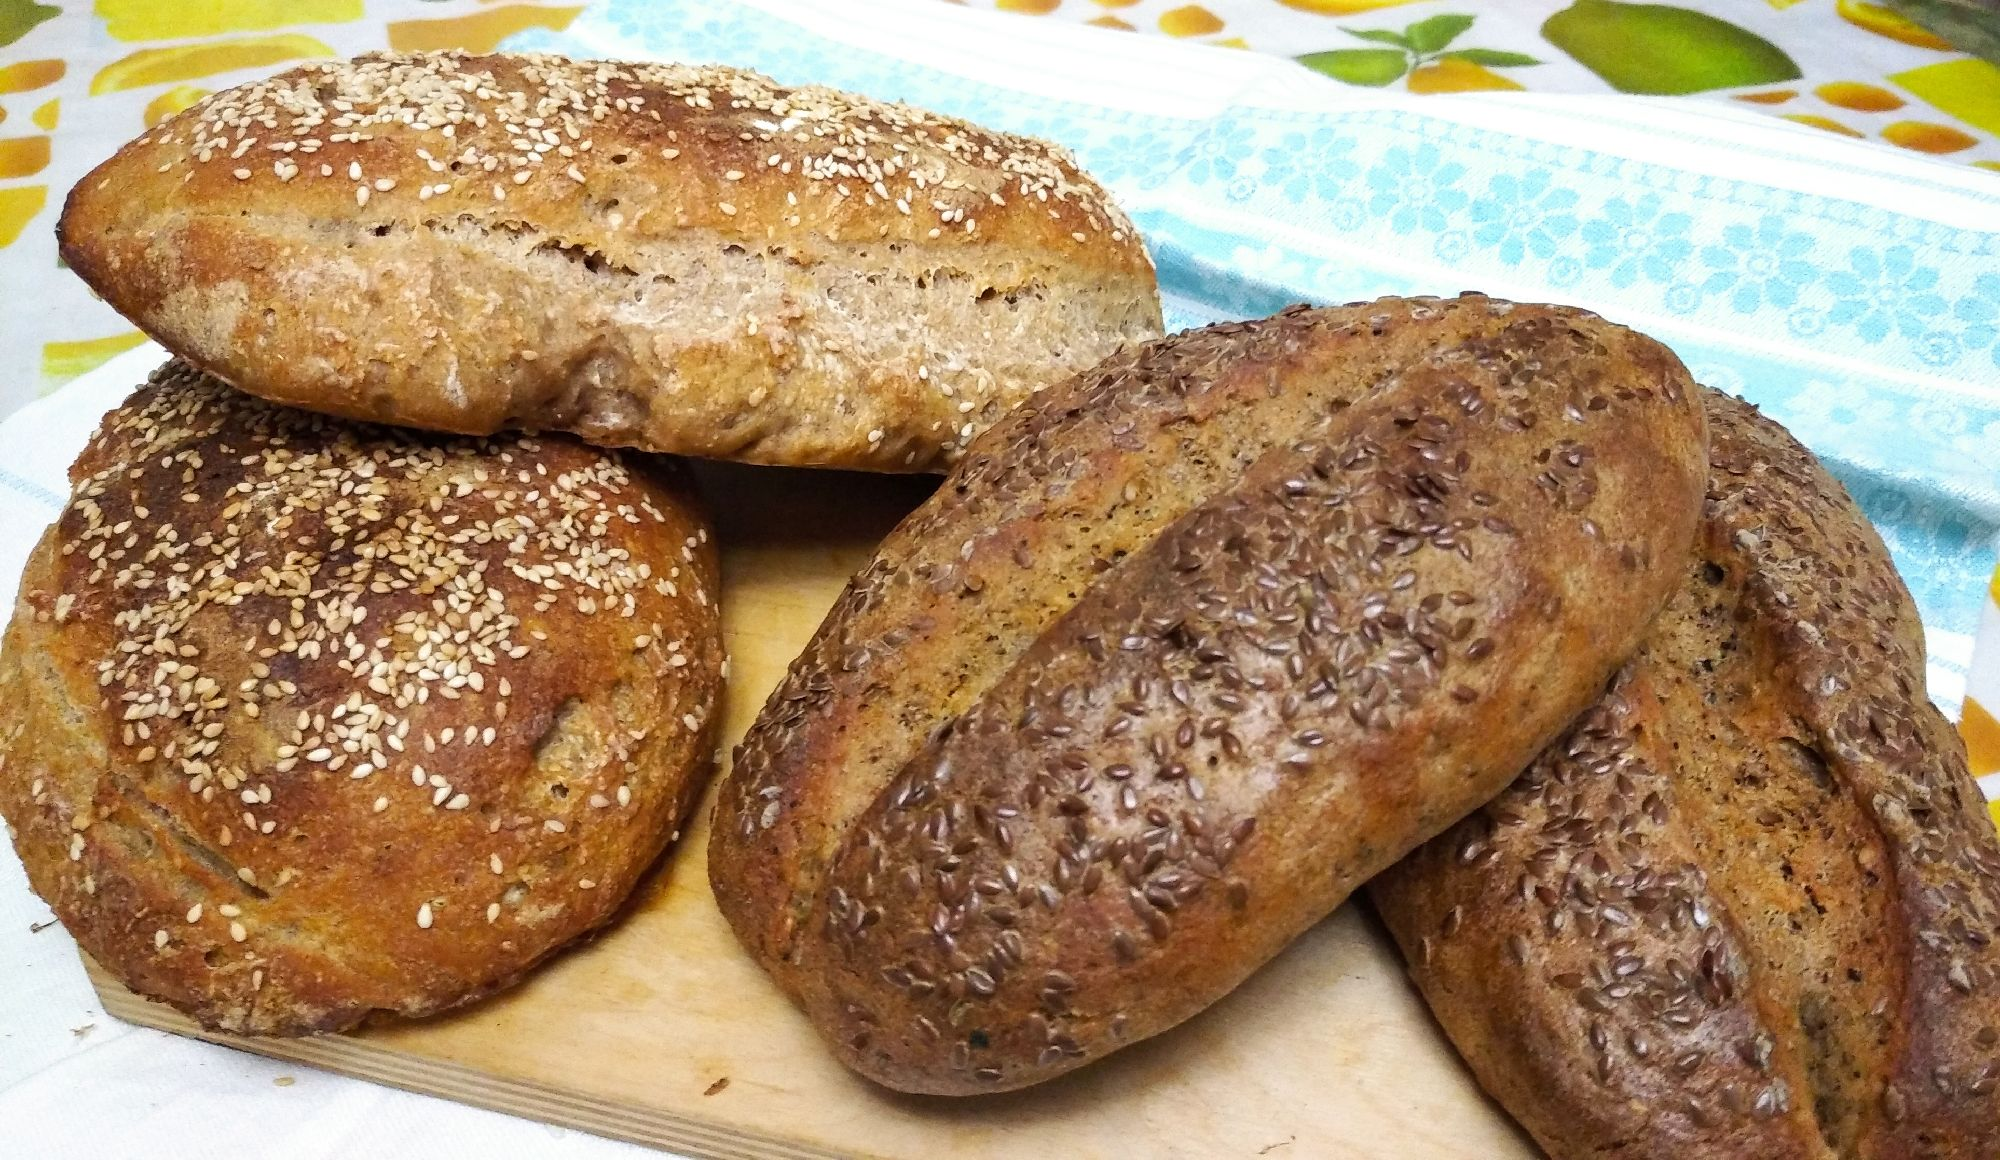 При выпекании в духовке, мы добились красивого и аппетитного внешнего вида, но вкус и консистенция оставляли желать лучшего. Хлеб получался по разному, он либо не пропекался, либо был излишне плотный и тяжелый, как камень. Были и другие проблемки.